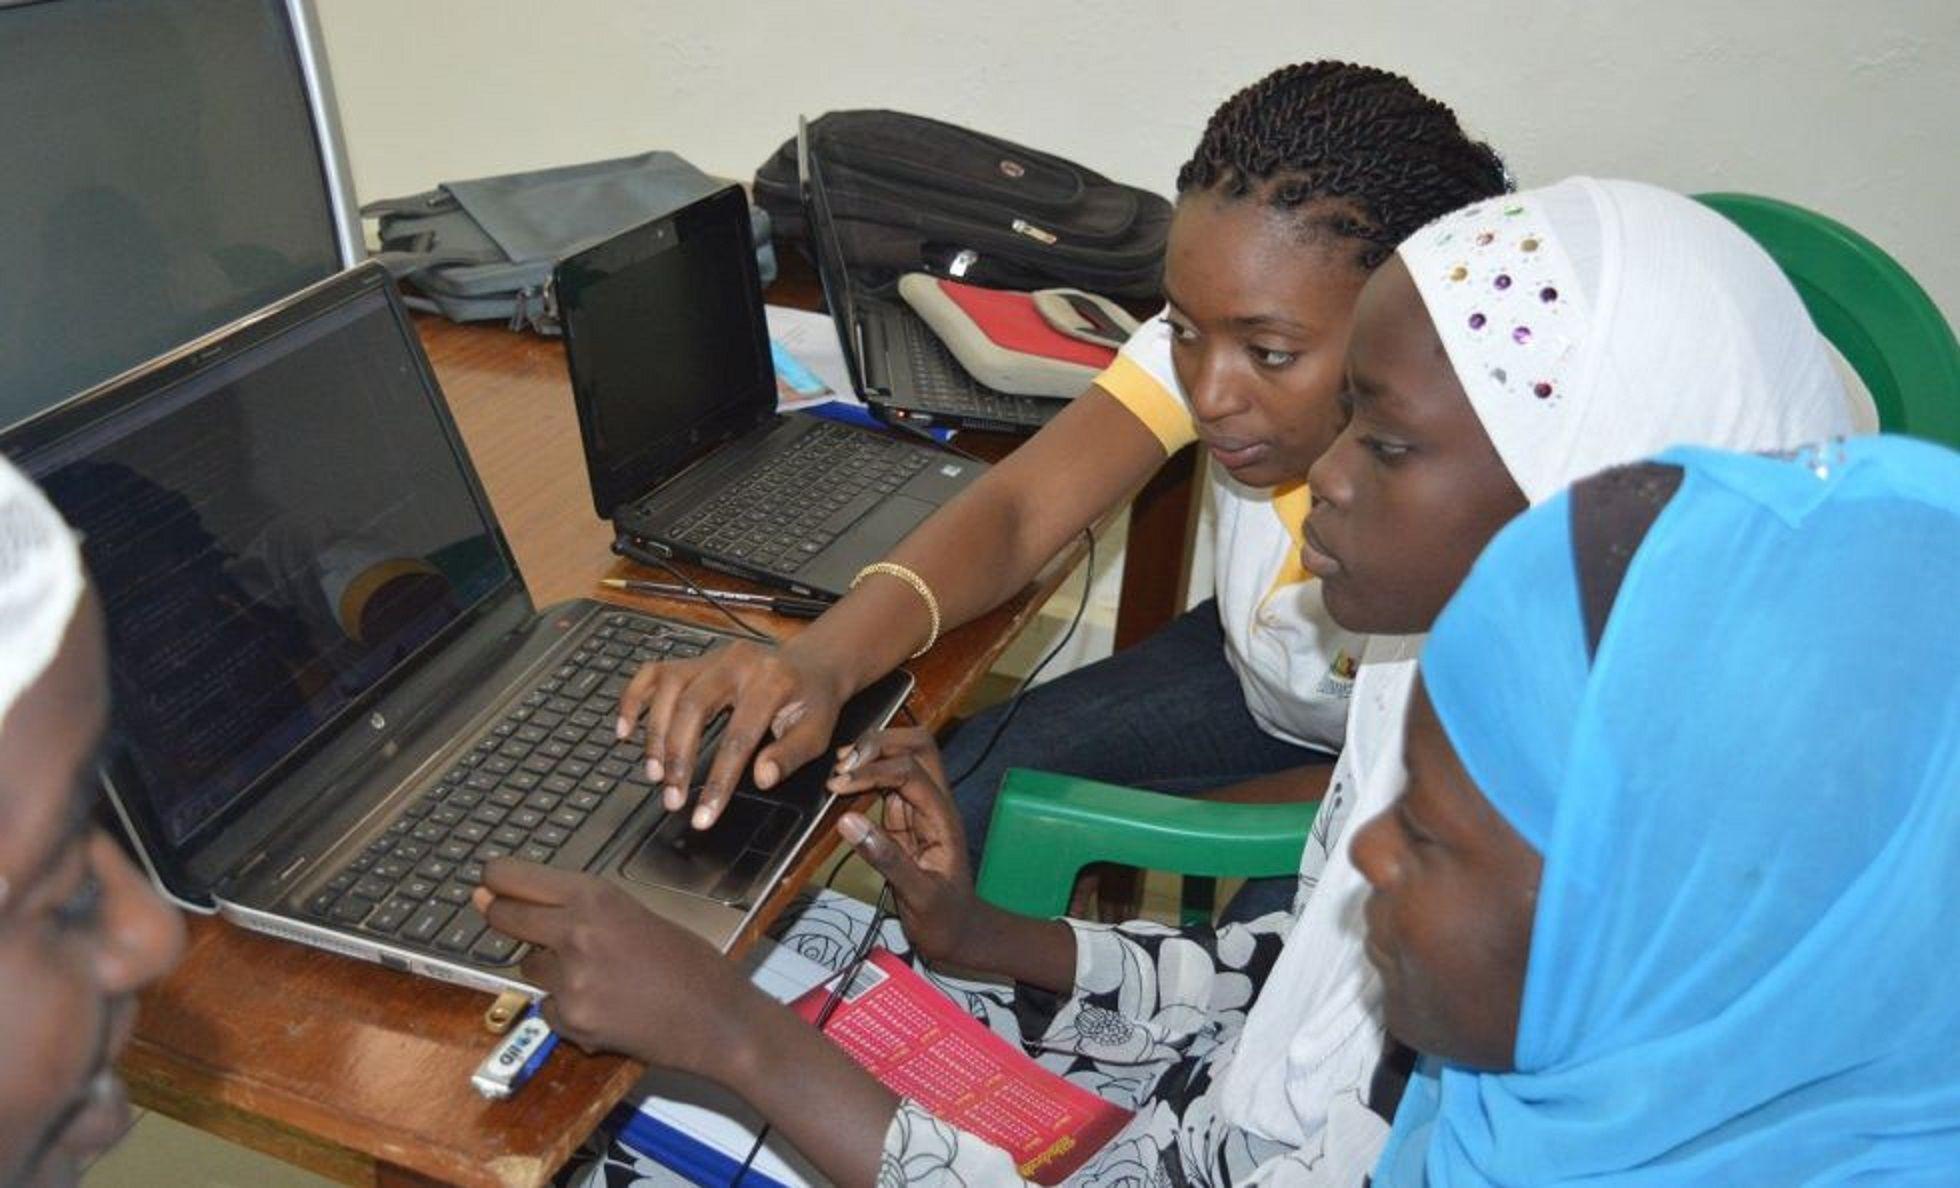 Etiopía bloqueó internet para que los alumnos no hagan trampa